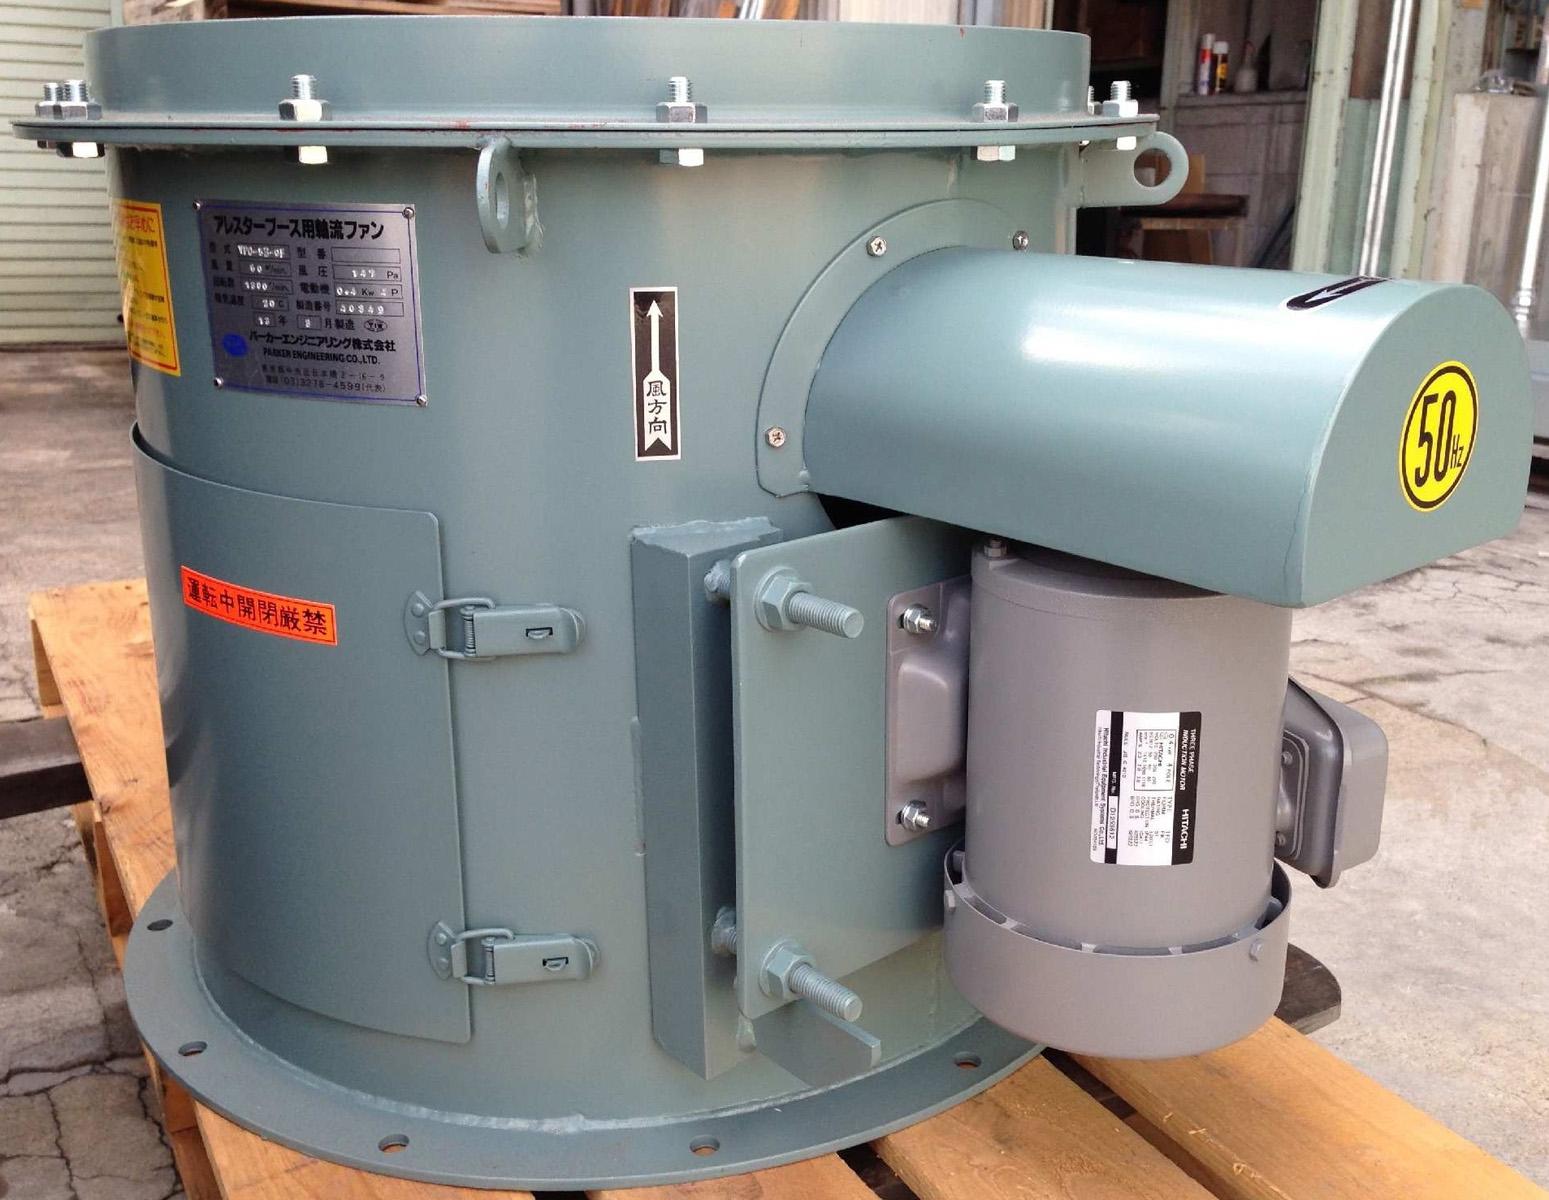 軸流ファンVPO-6B-3F 50HZ 軸流ファンF型 点検窓型